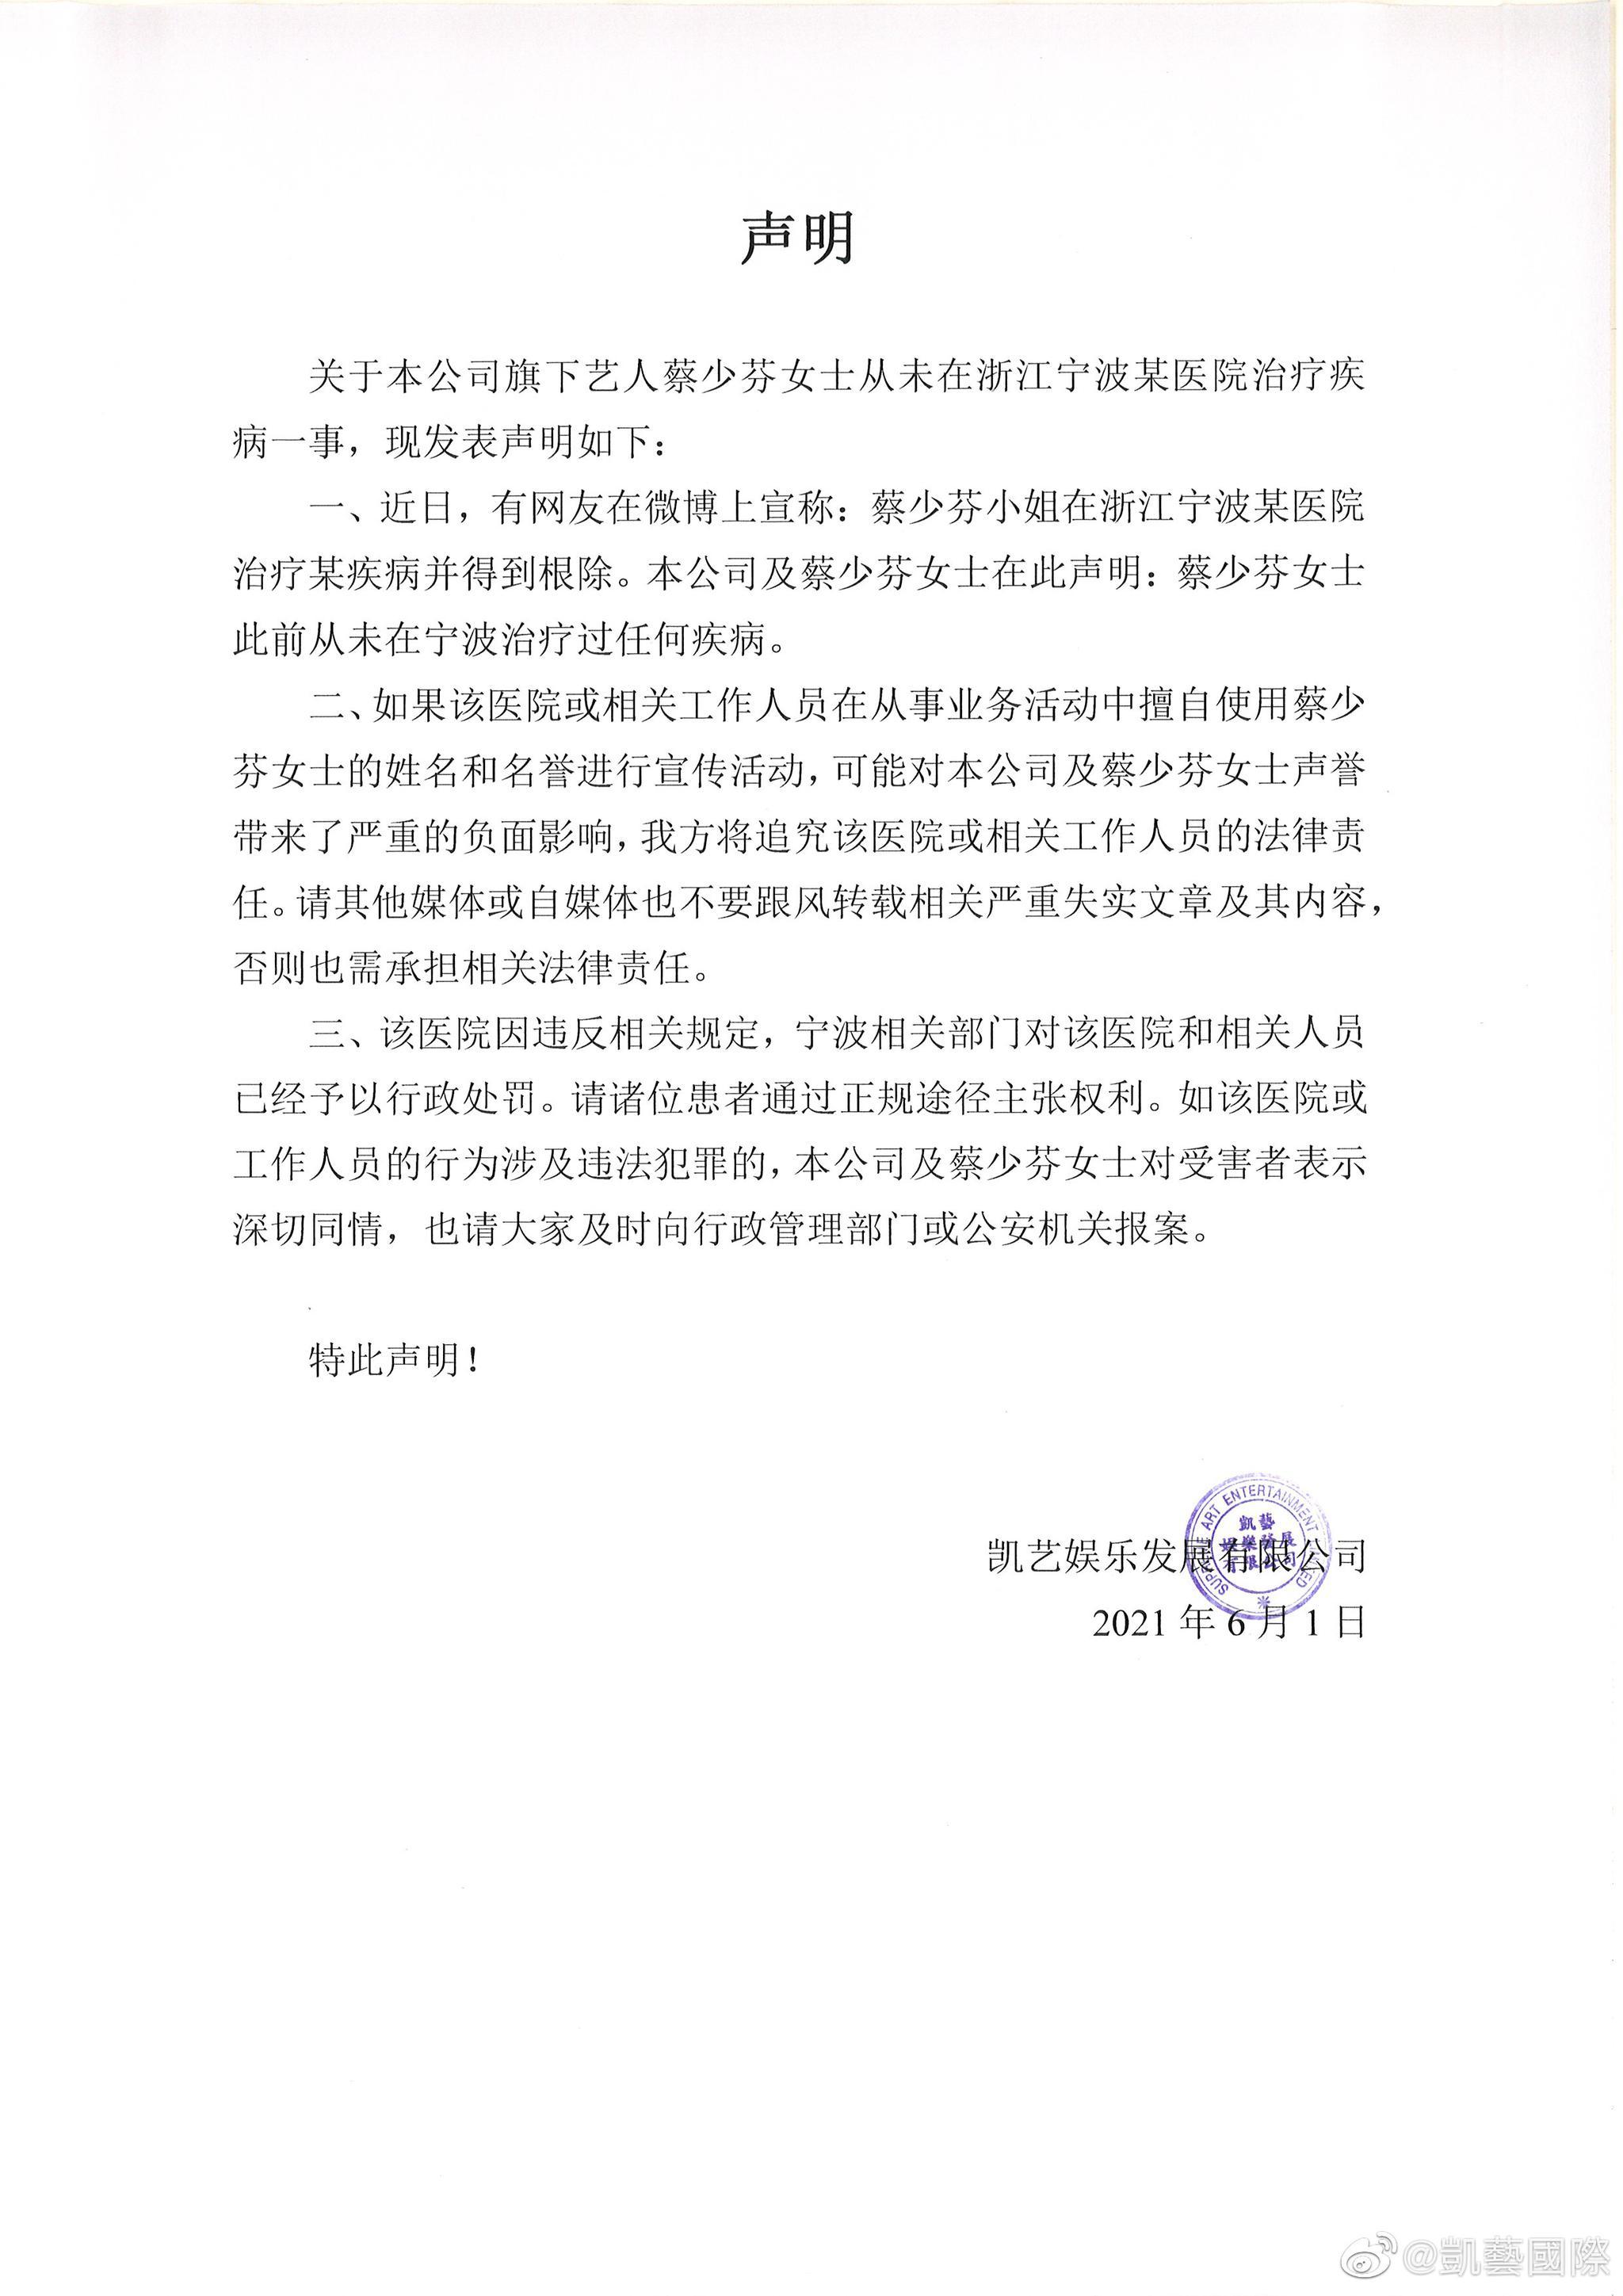 蔡少芬所属公司发表声明,称从未在宁波治疗过任何疾病